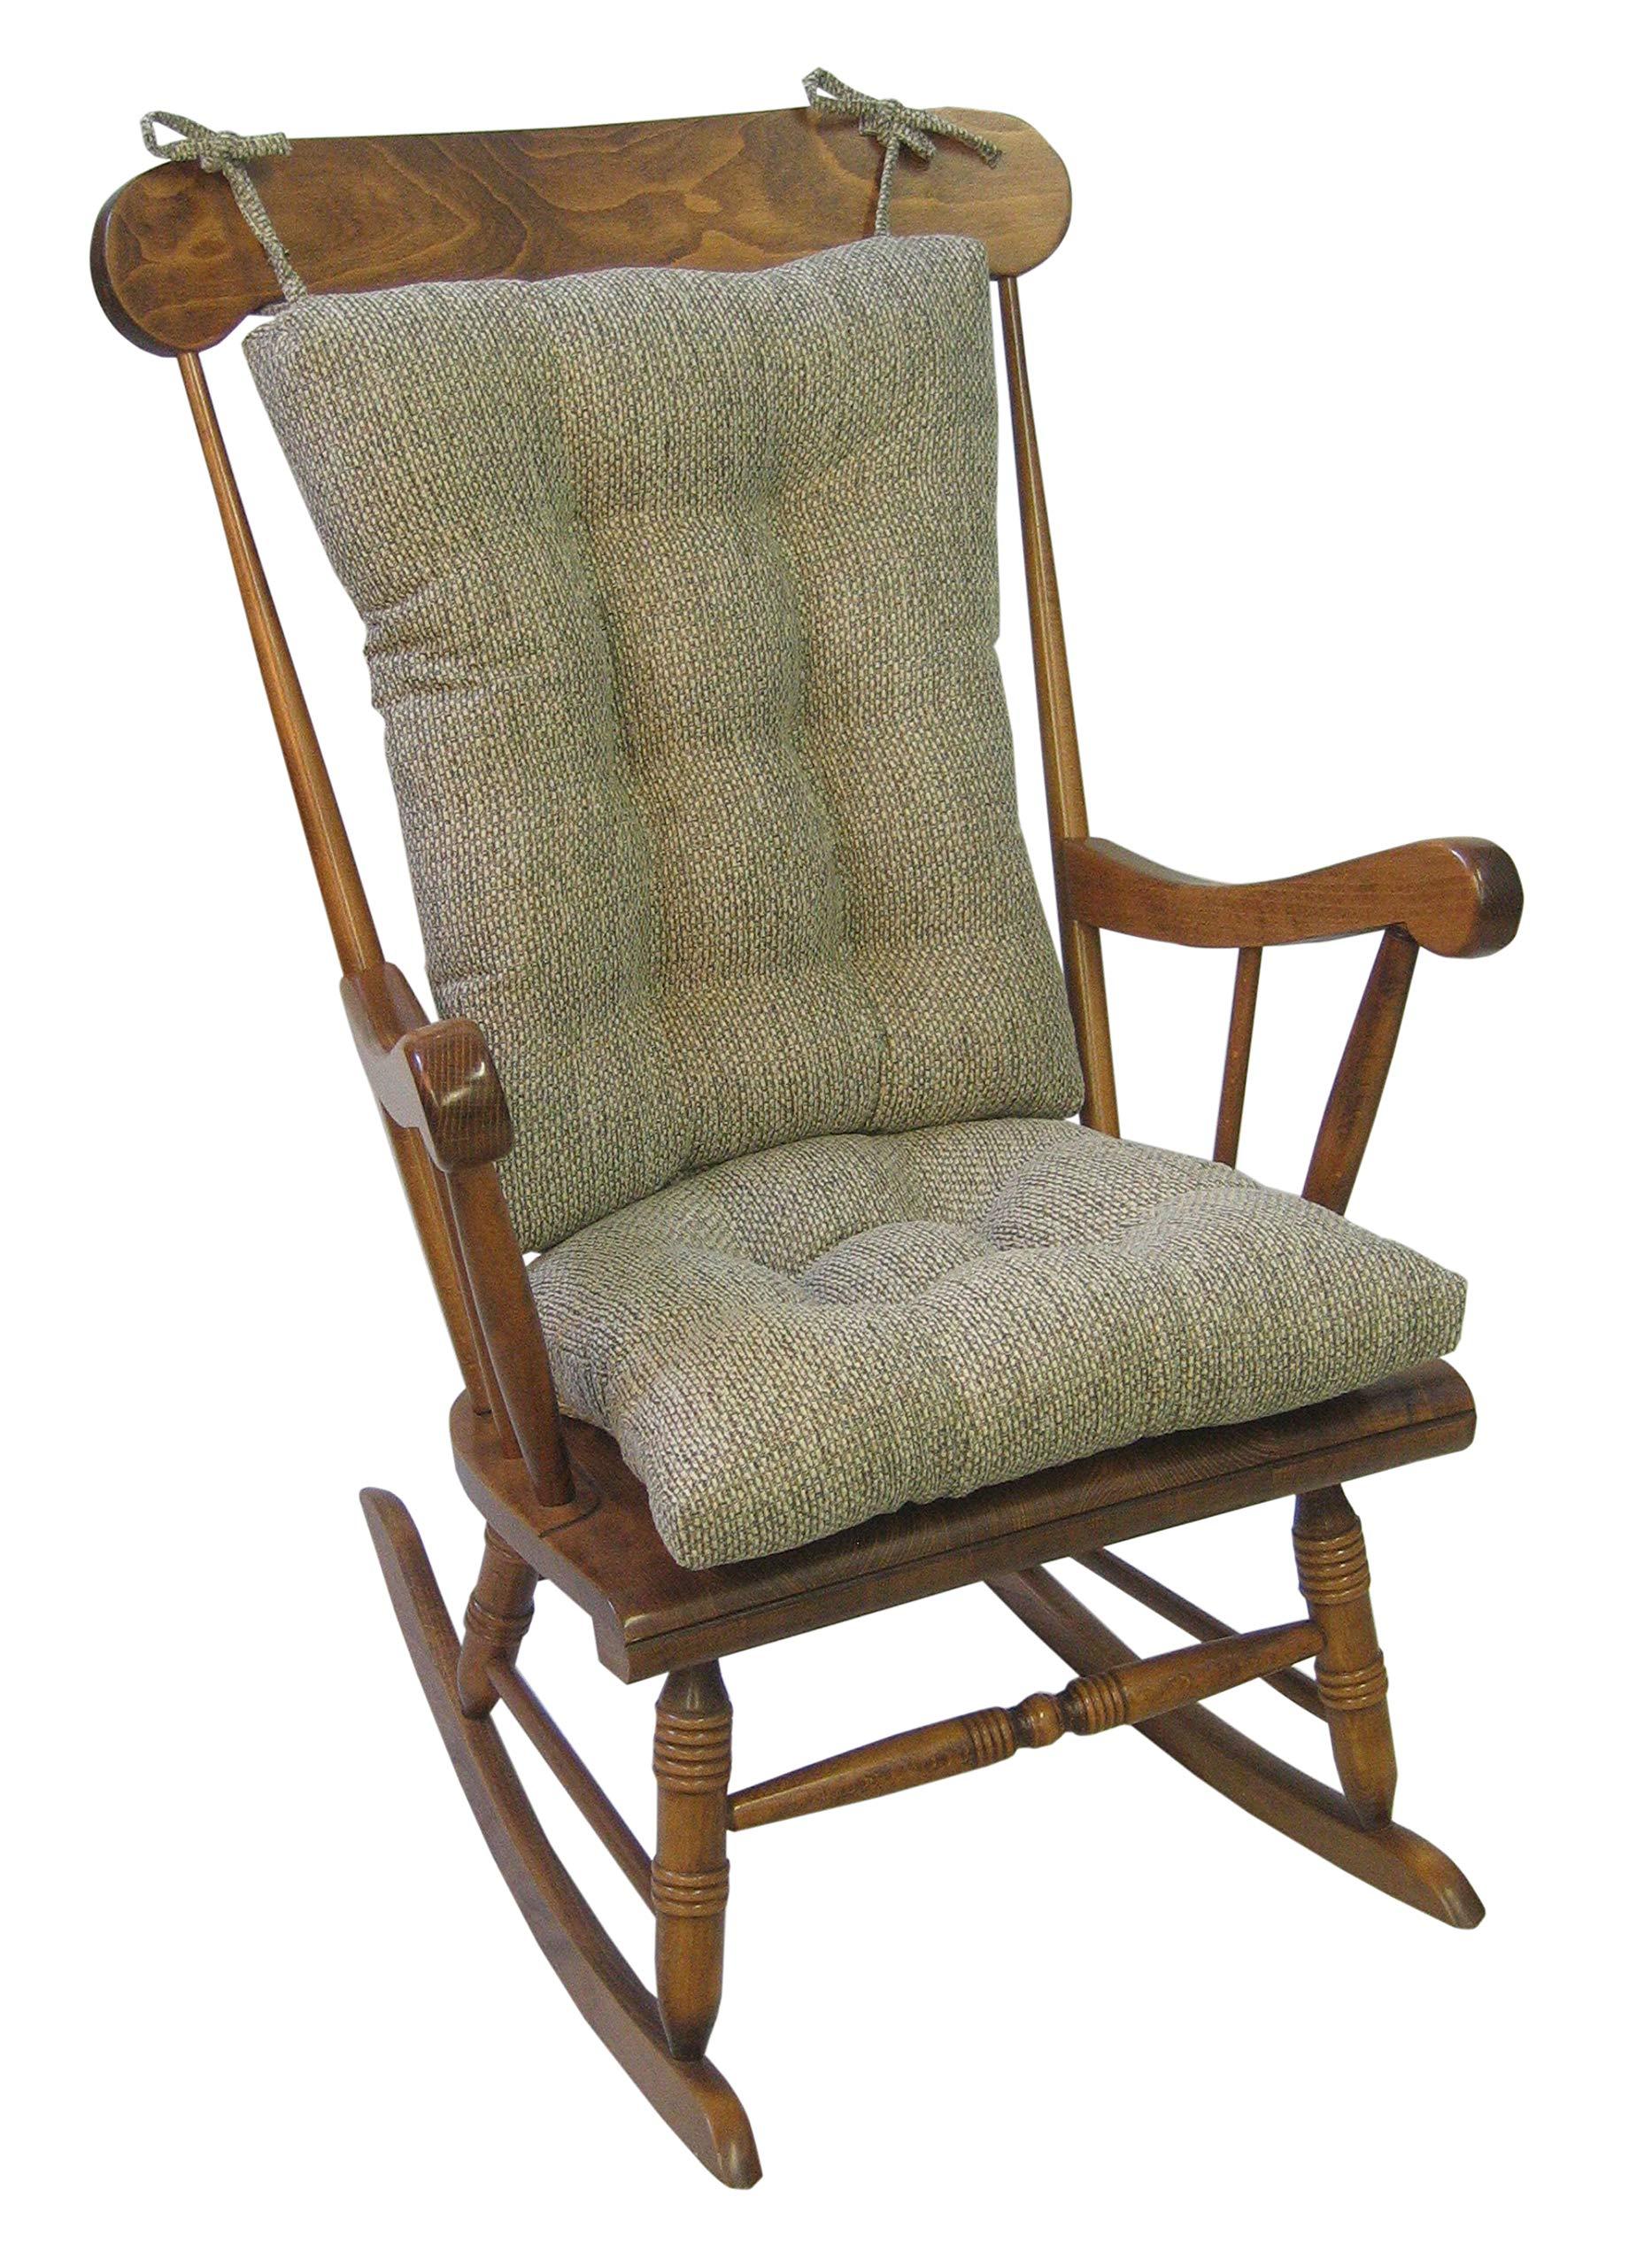 Klear Vu Tyson XL Gripper Non-Slip Extra Large Overstuffed Rocking Chair Pad Set, 17'' x 17'', Natural